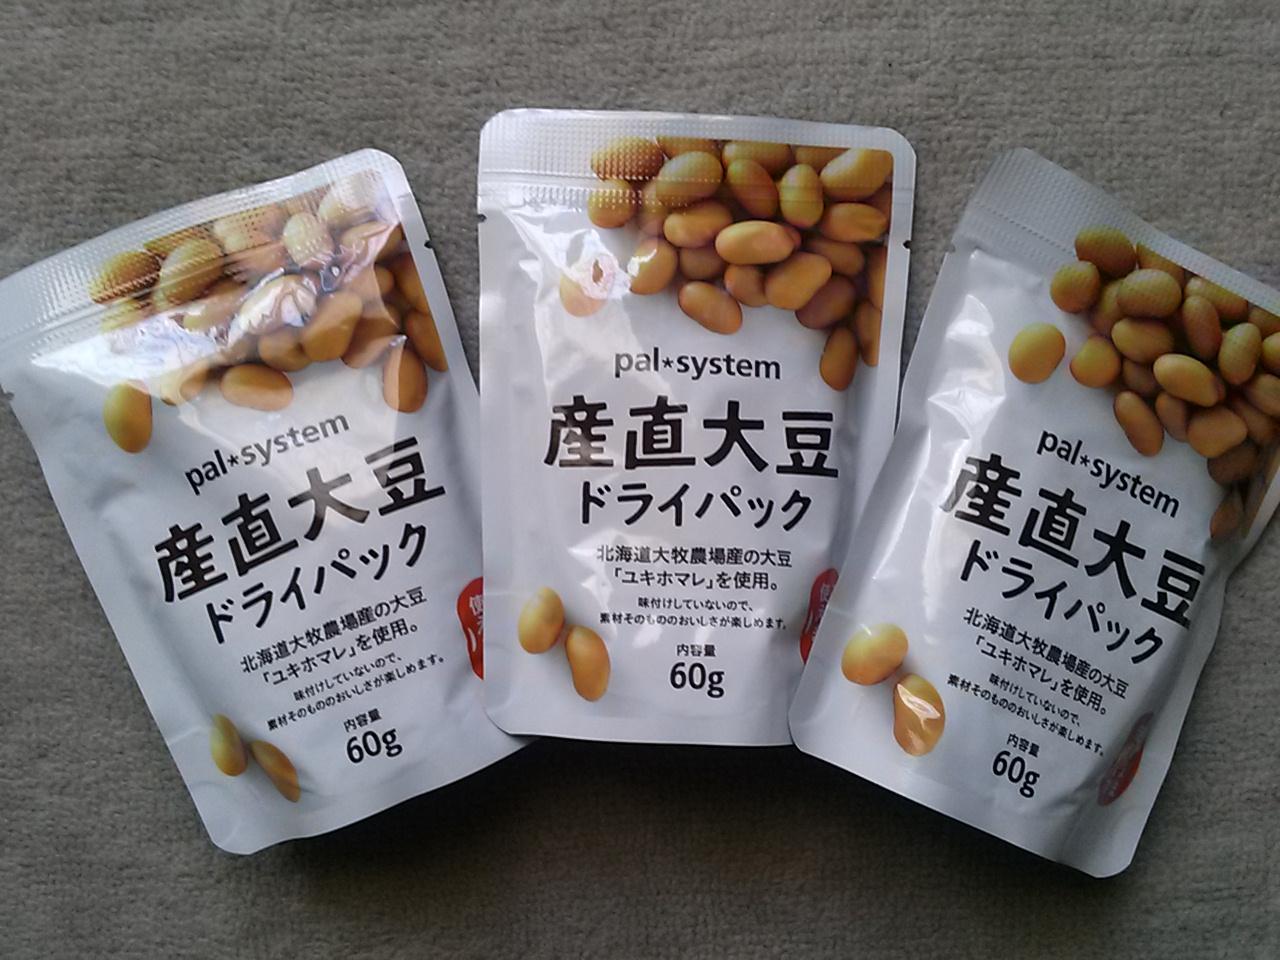 パルシステムの産直大豆ドライパックお試ししてみたよ 離乳食に最適です